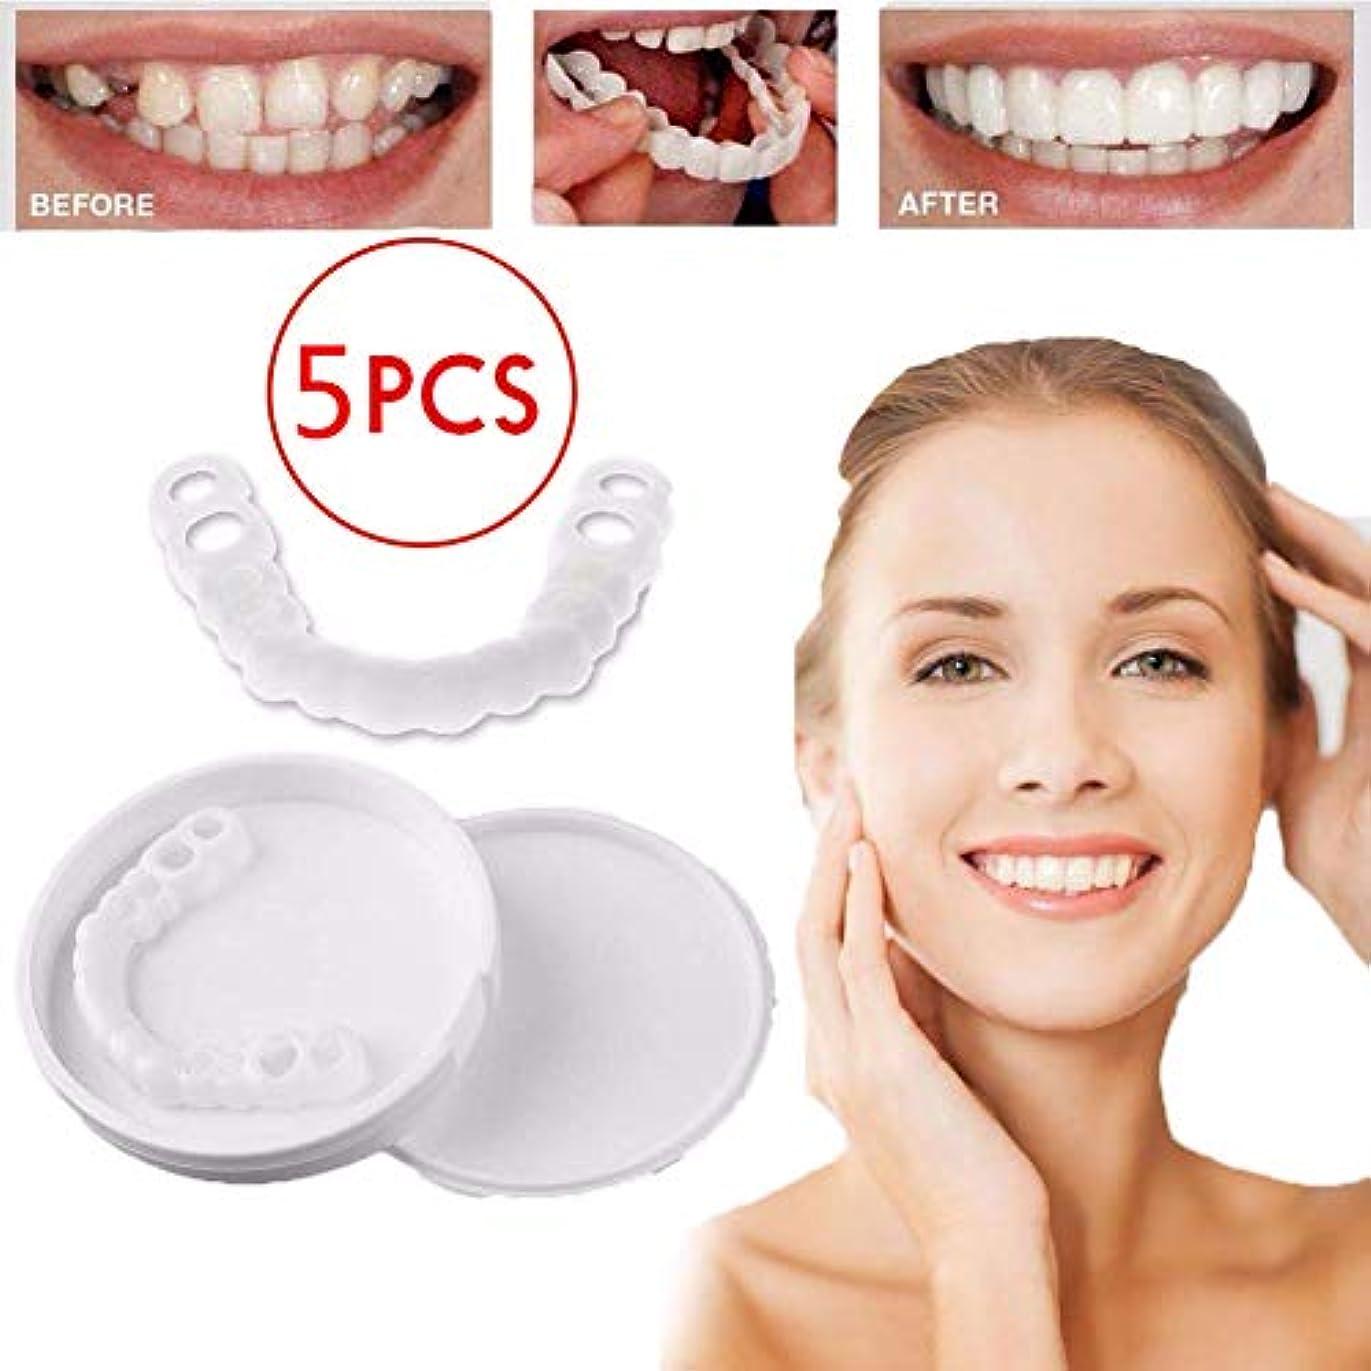 無し視線見分けるインスタント快適なフレックスパーフェクトベニアの歯のスナップキャップを白くする6個の一時的な歯,5pcslowerteeth